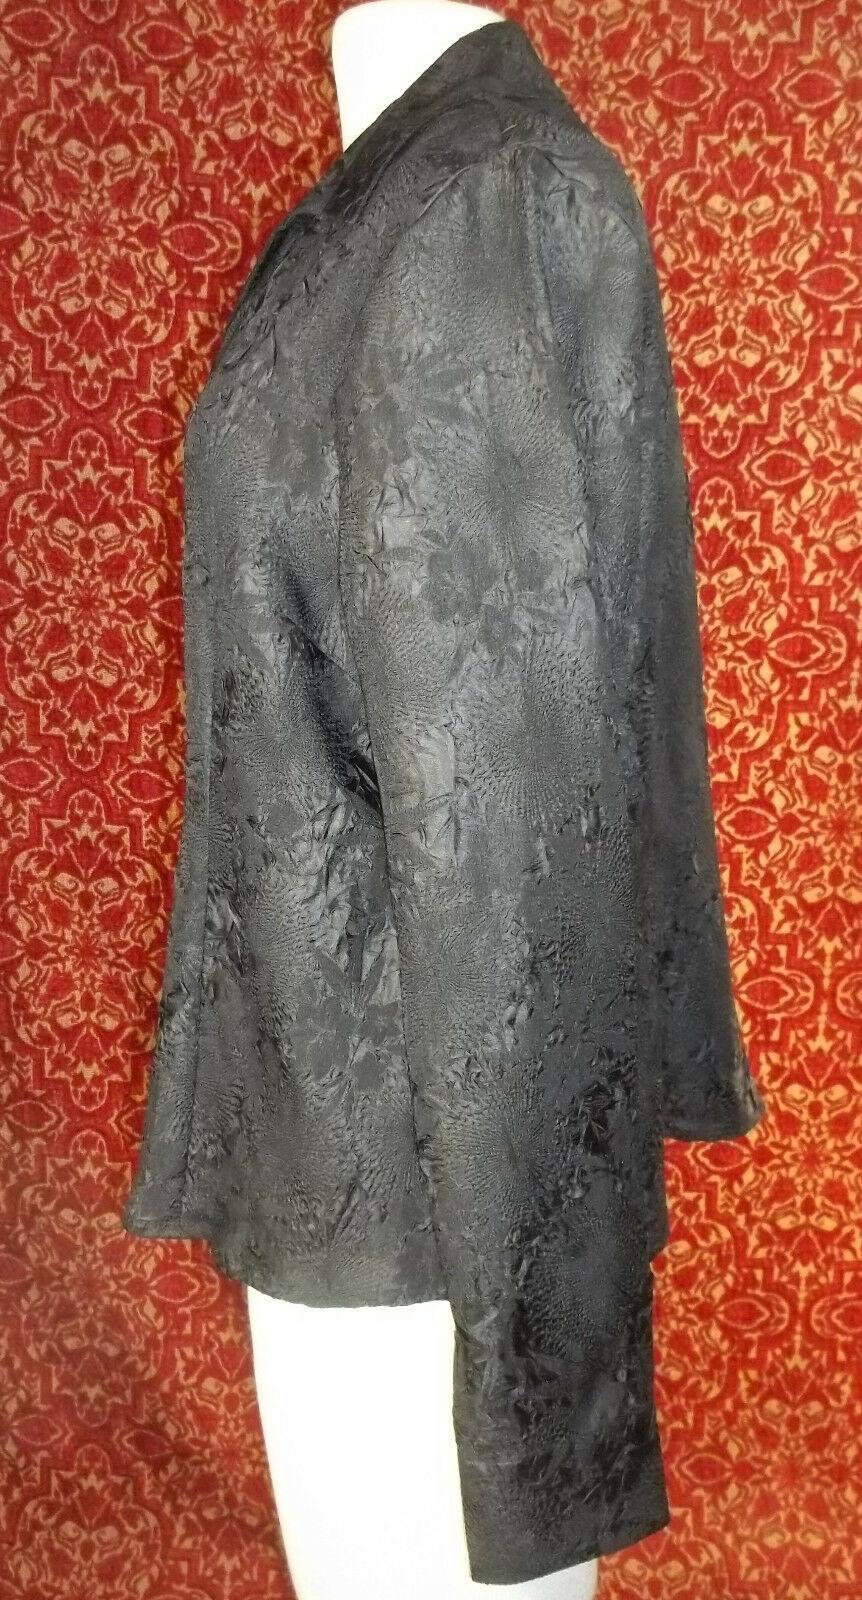 KORET black wrinkle polyester long sleeve blouse 16 (T45-03G8G) image 4